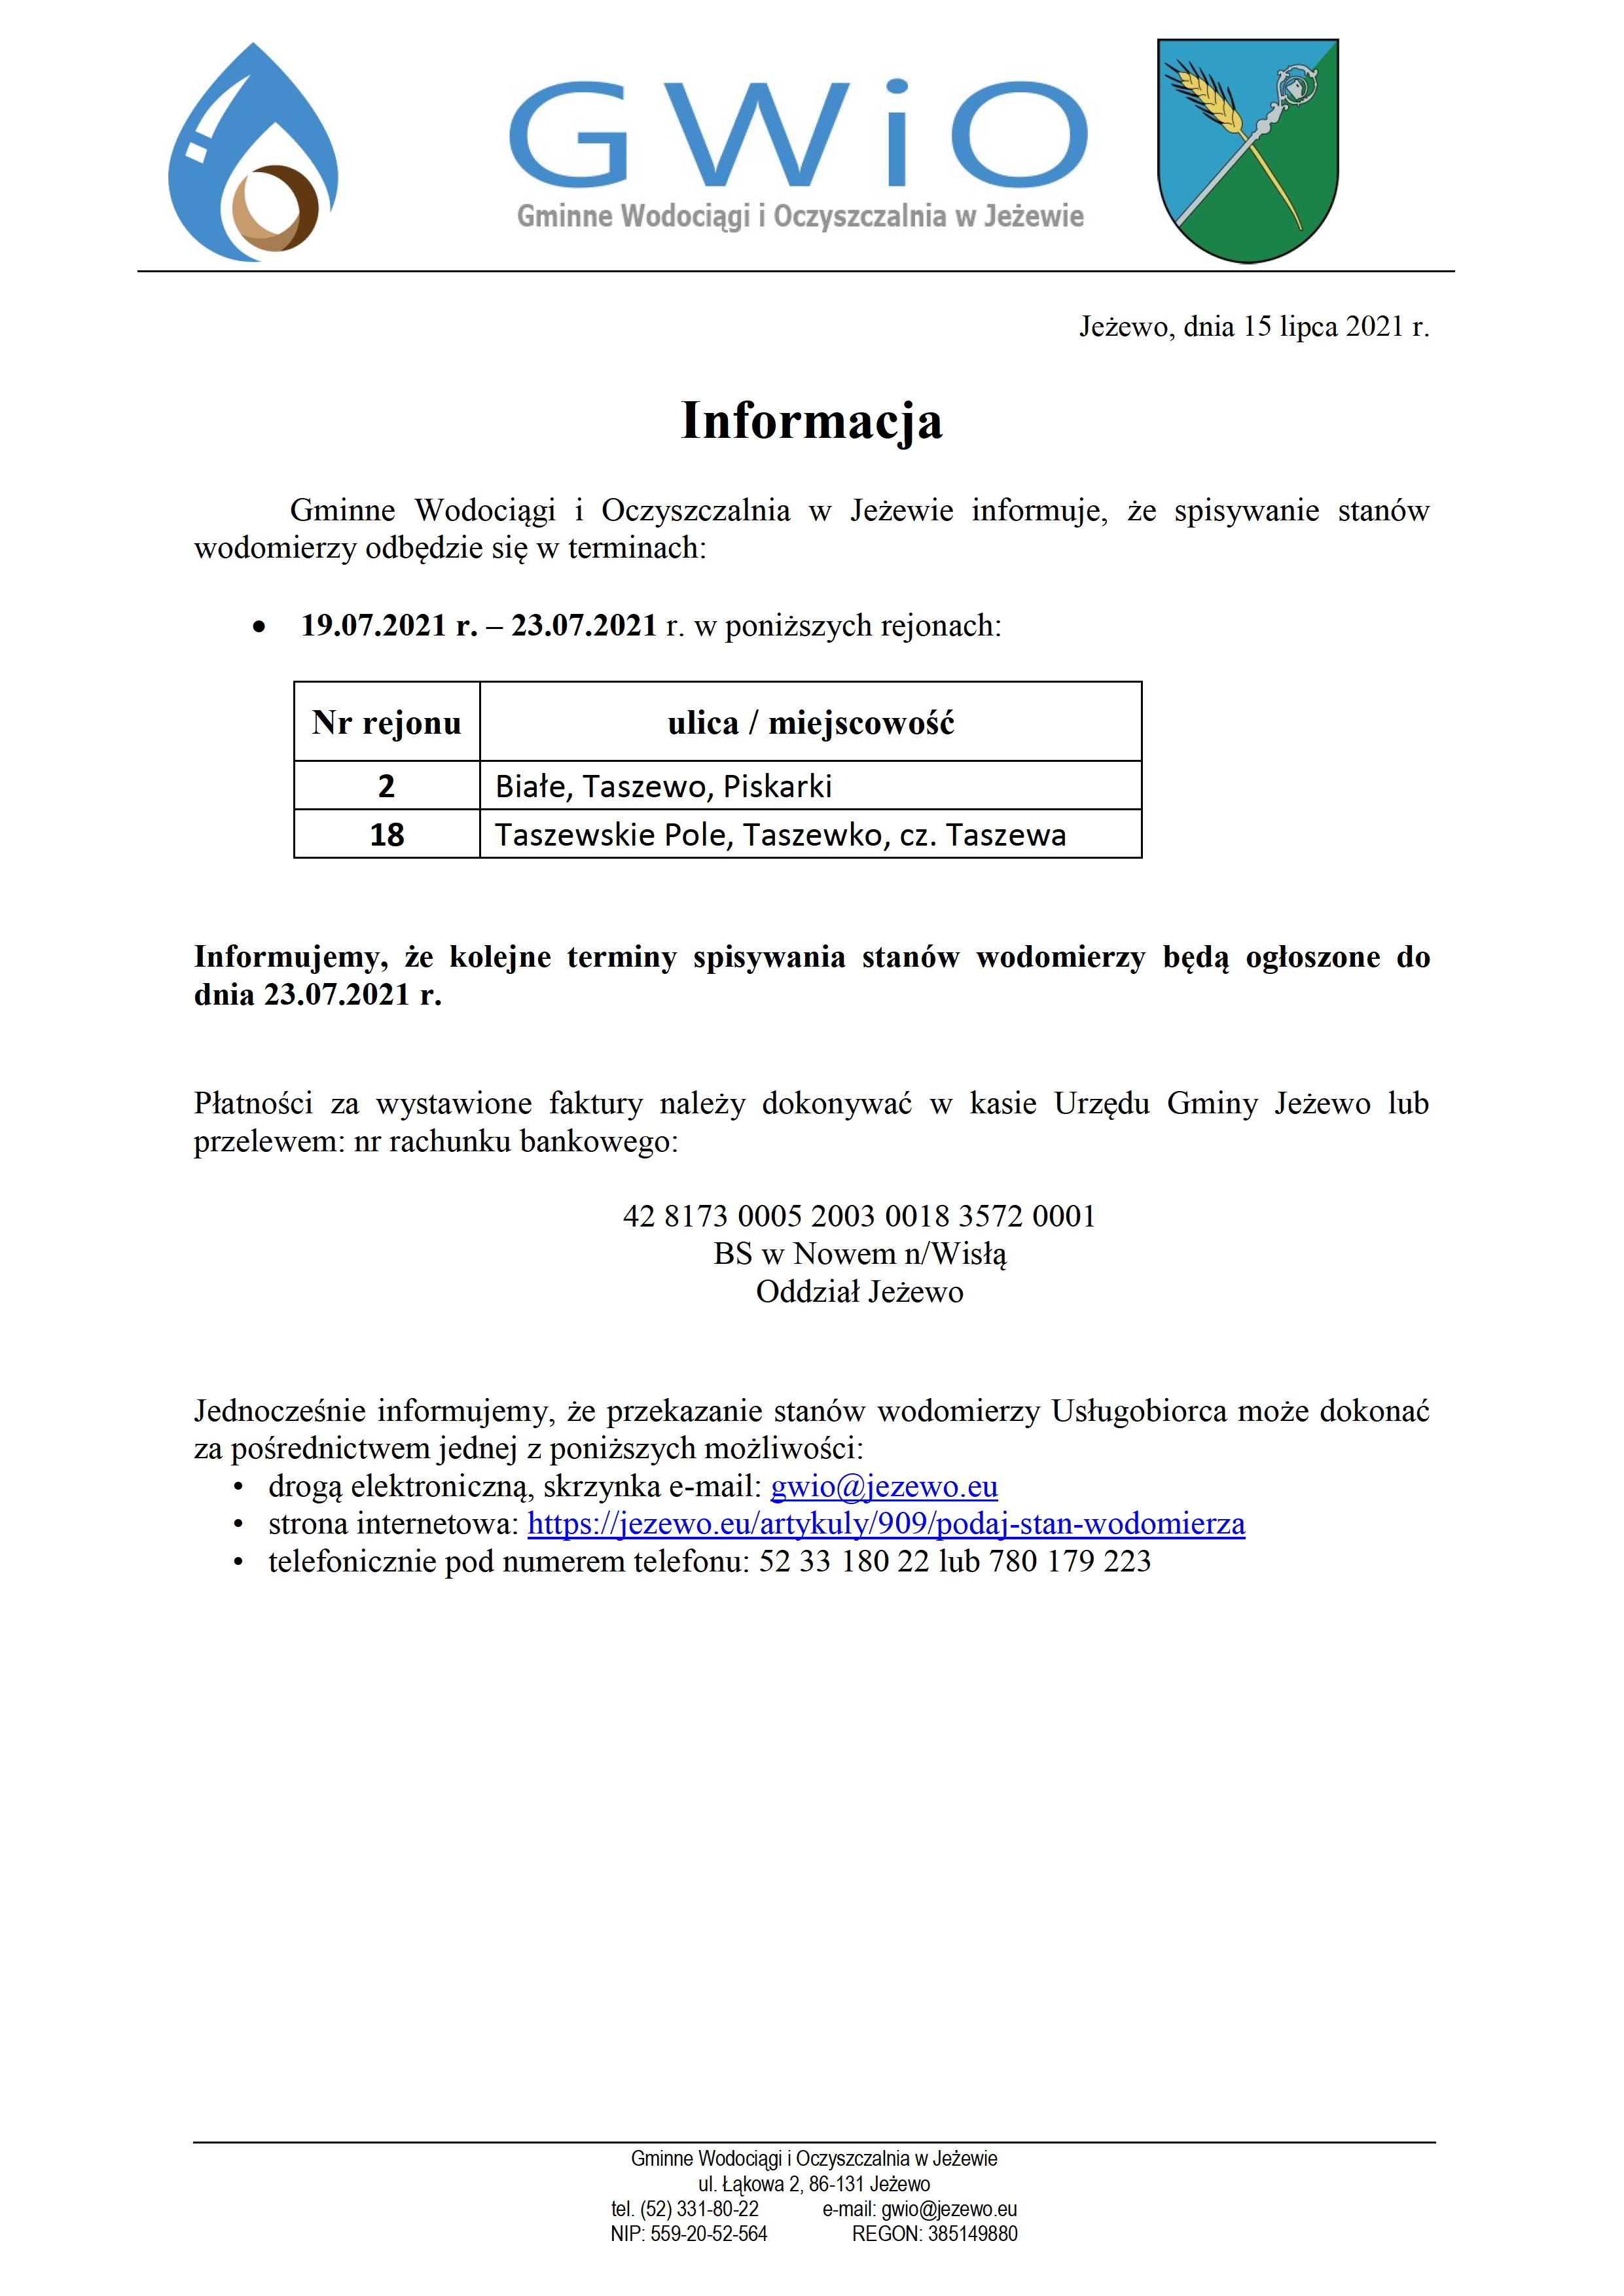 Terminy spisywania wodomierzy 15.07.2021